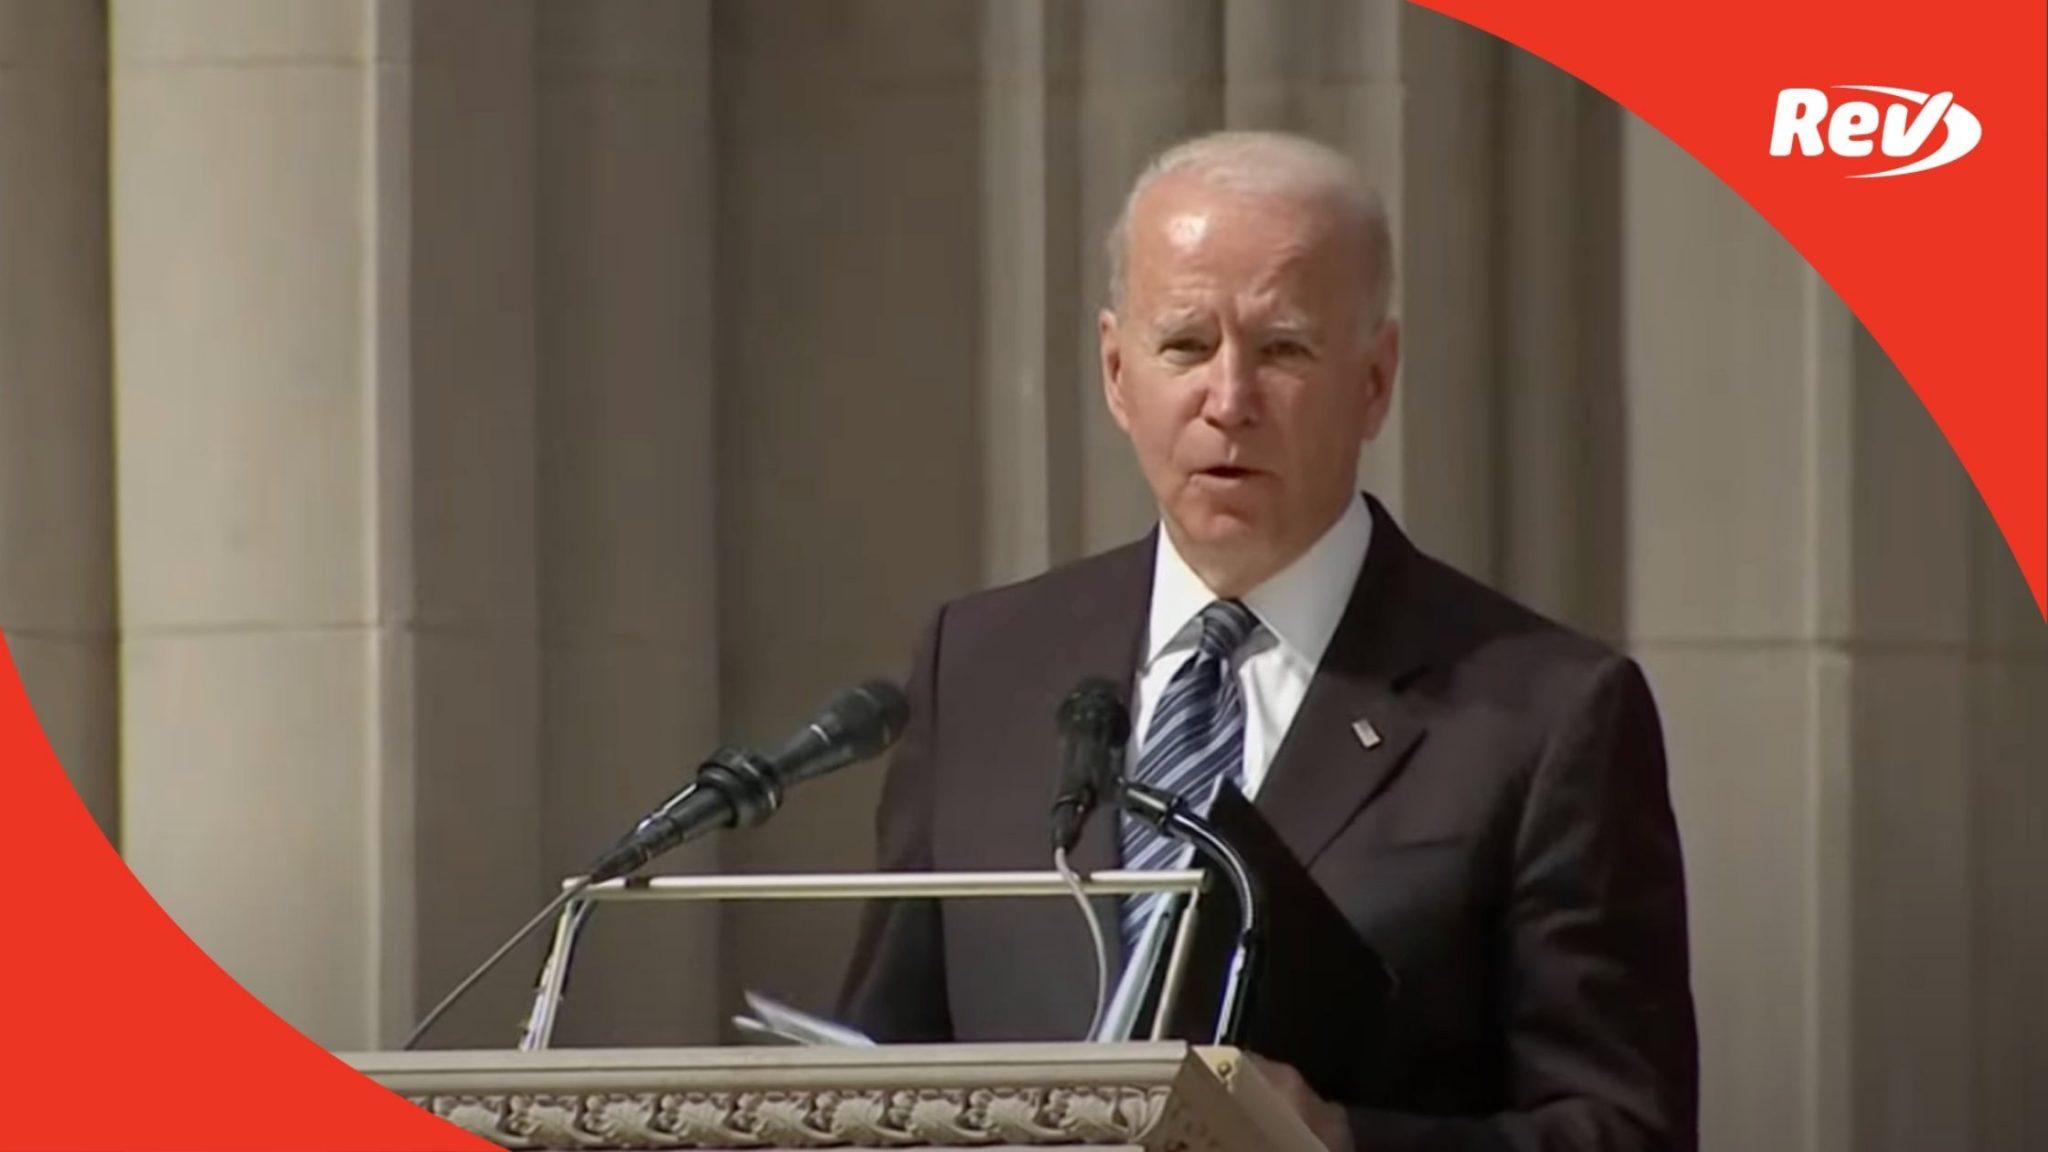 Biden delivers remarks at funeral service for John Warner